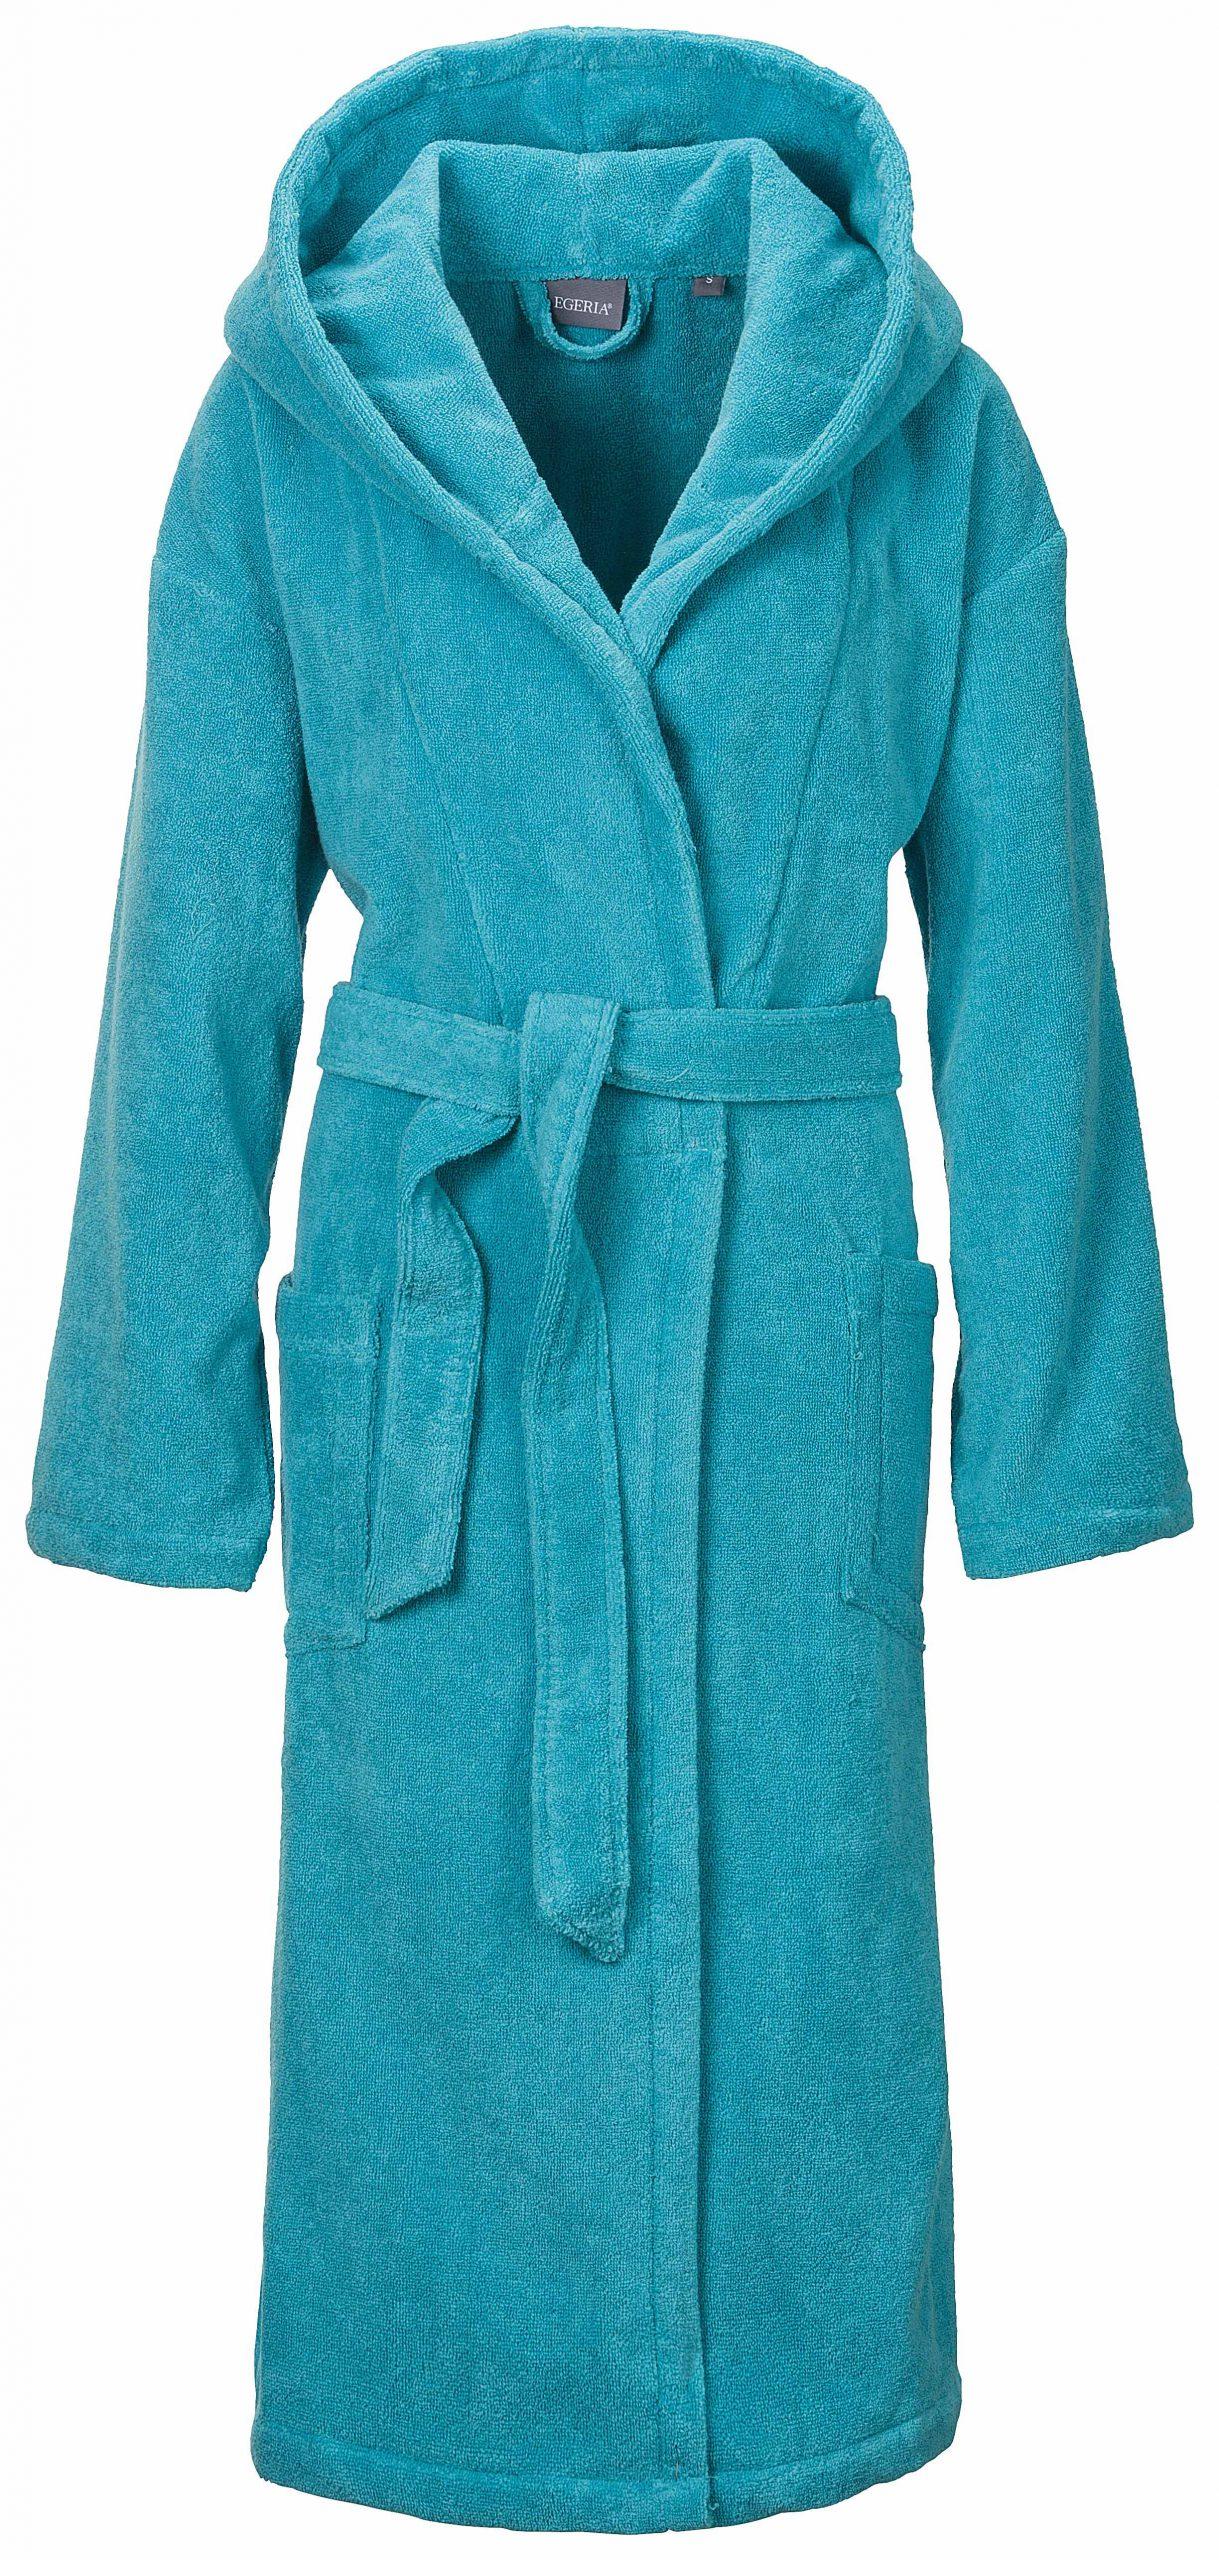 Luxe turquoise damesbadjas van lichtgewicht badstof van Egeria-0